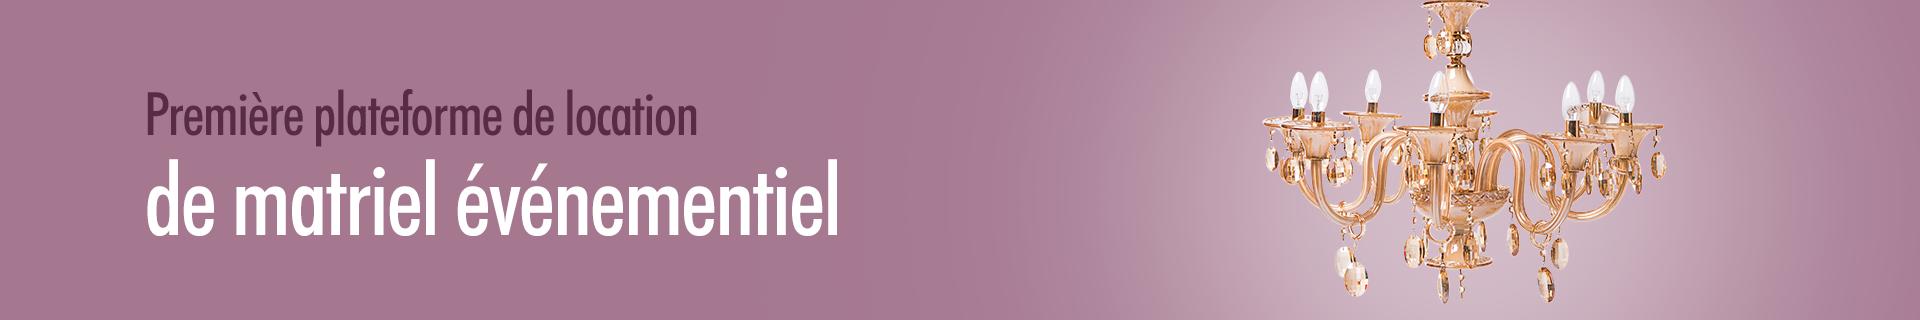 Location d'accessoires pour Stand - Ekrili